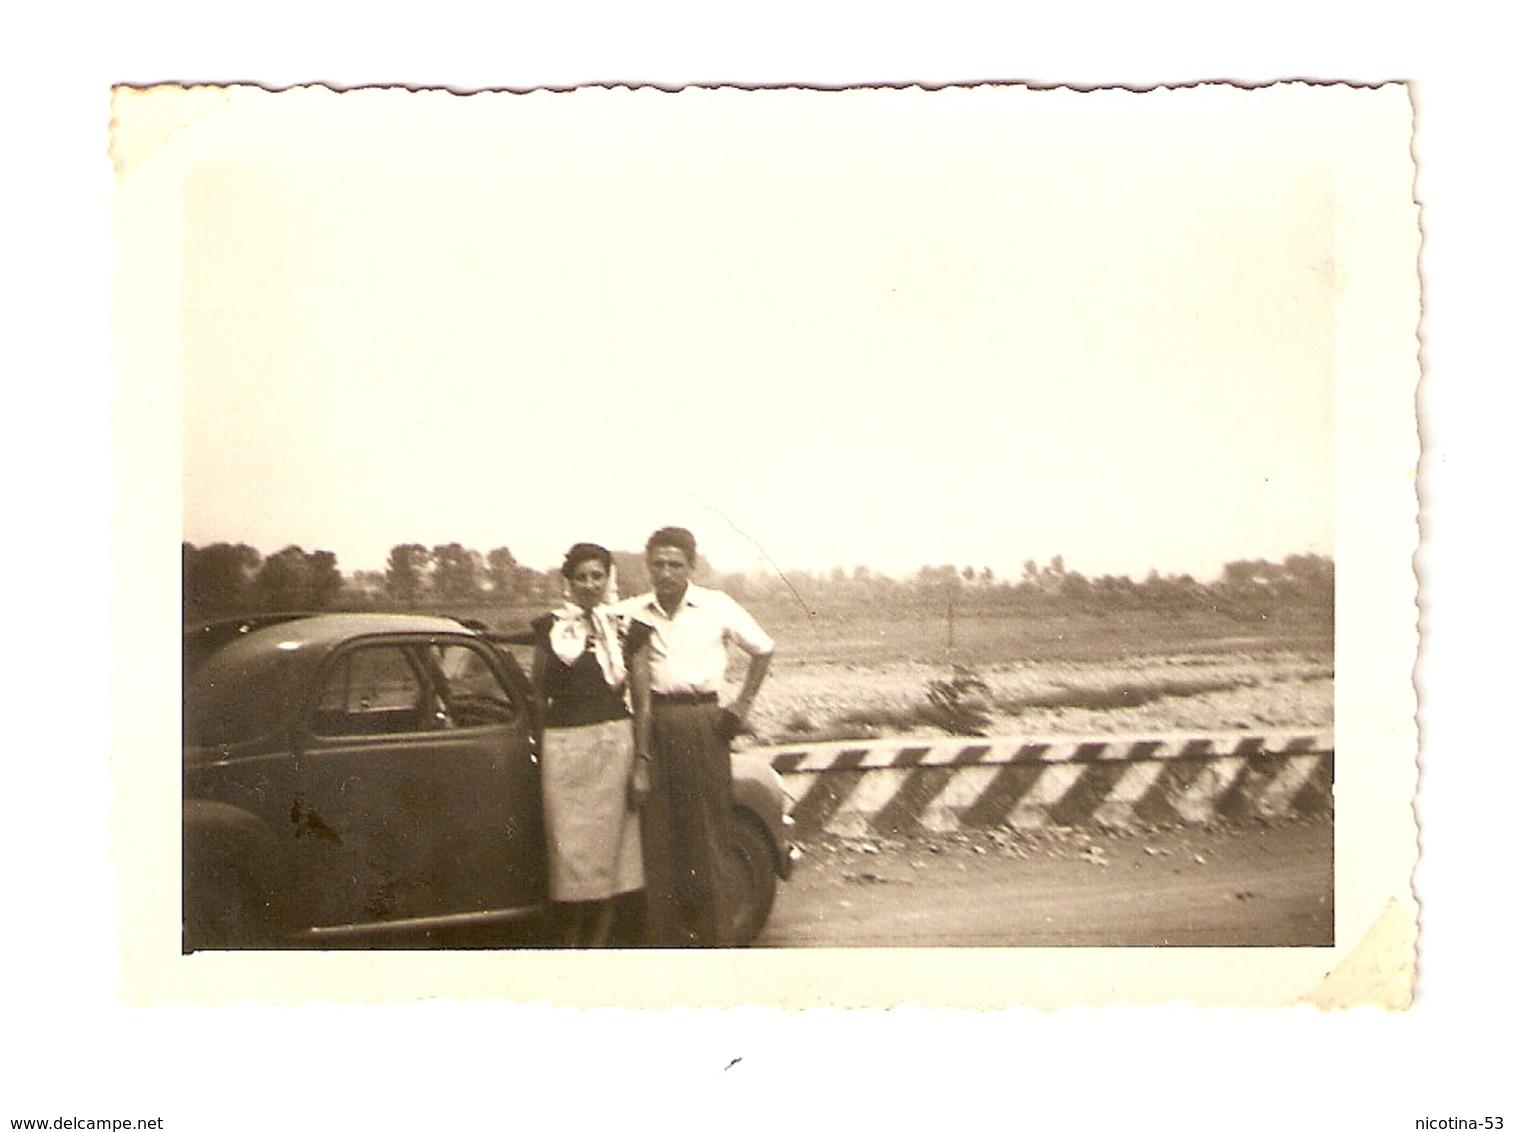 FO--00046-- FOTO ORIGINALE - COPPIA CON FIAT TOPOLINO - Automobili